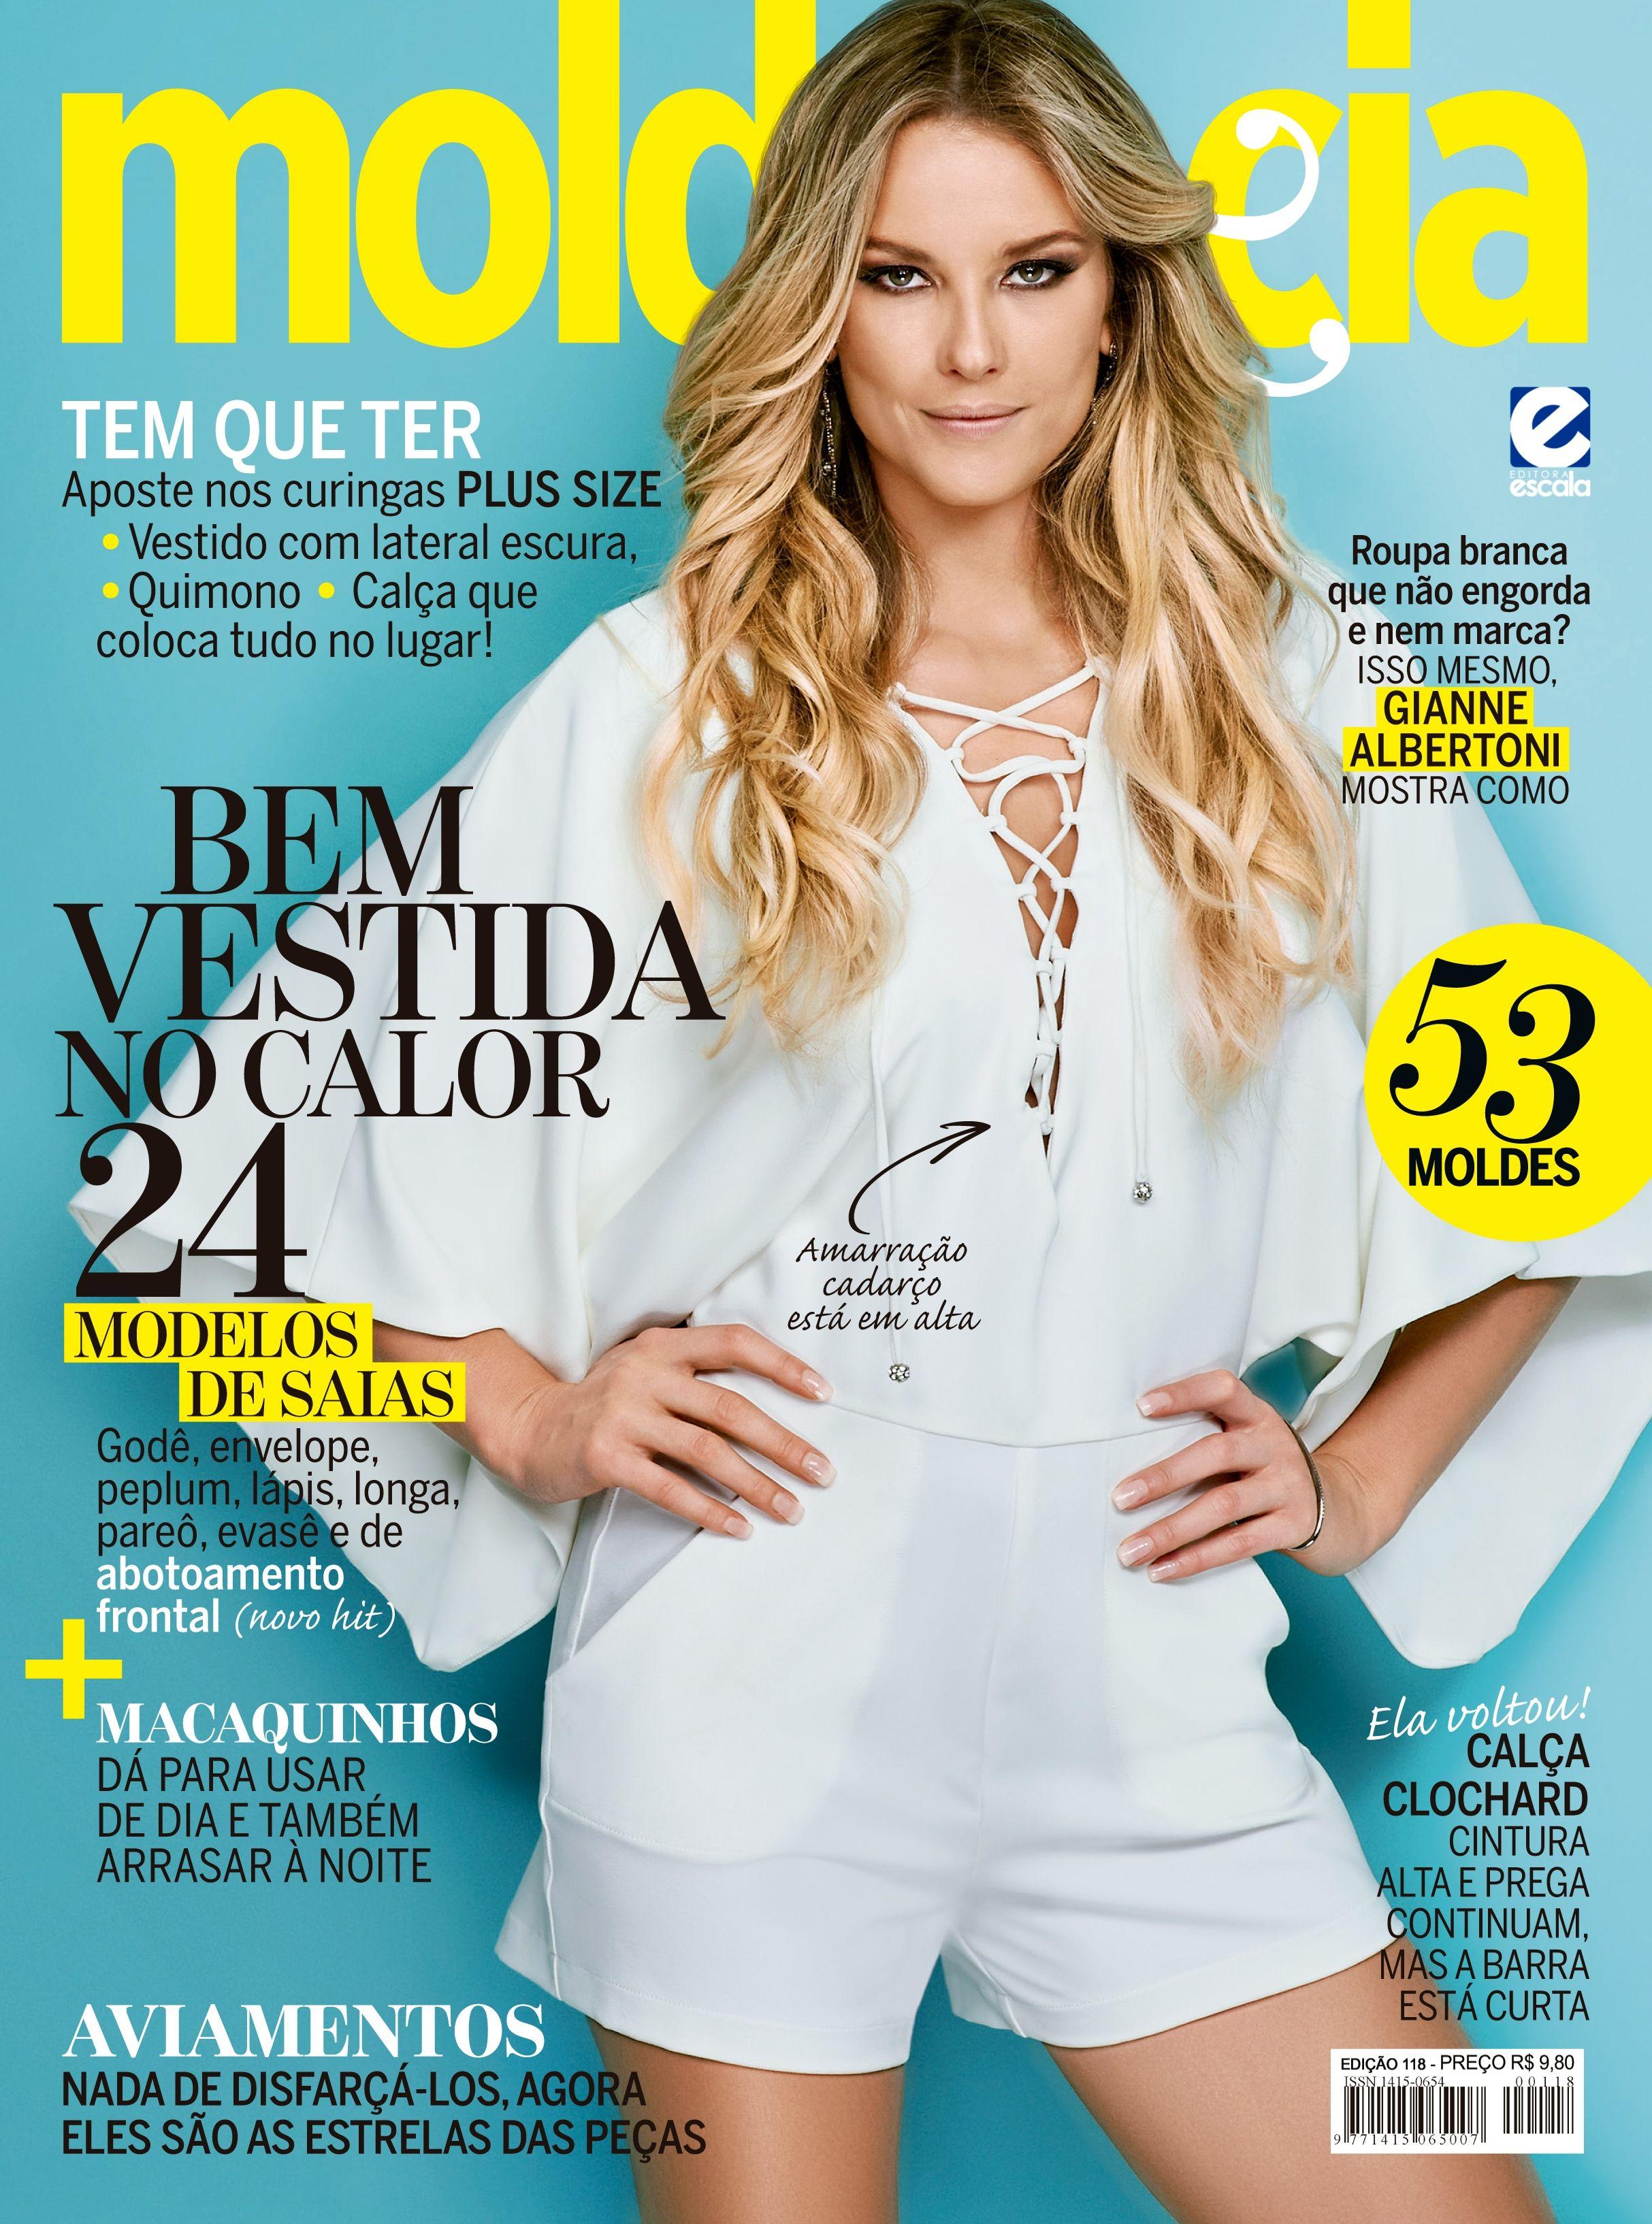 e07da4eca Revista Molde & cia   costura   Swimwear, Activities e Fashion